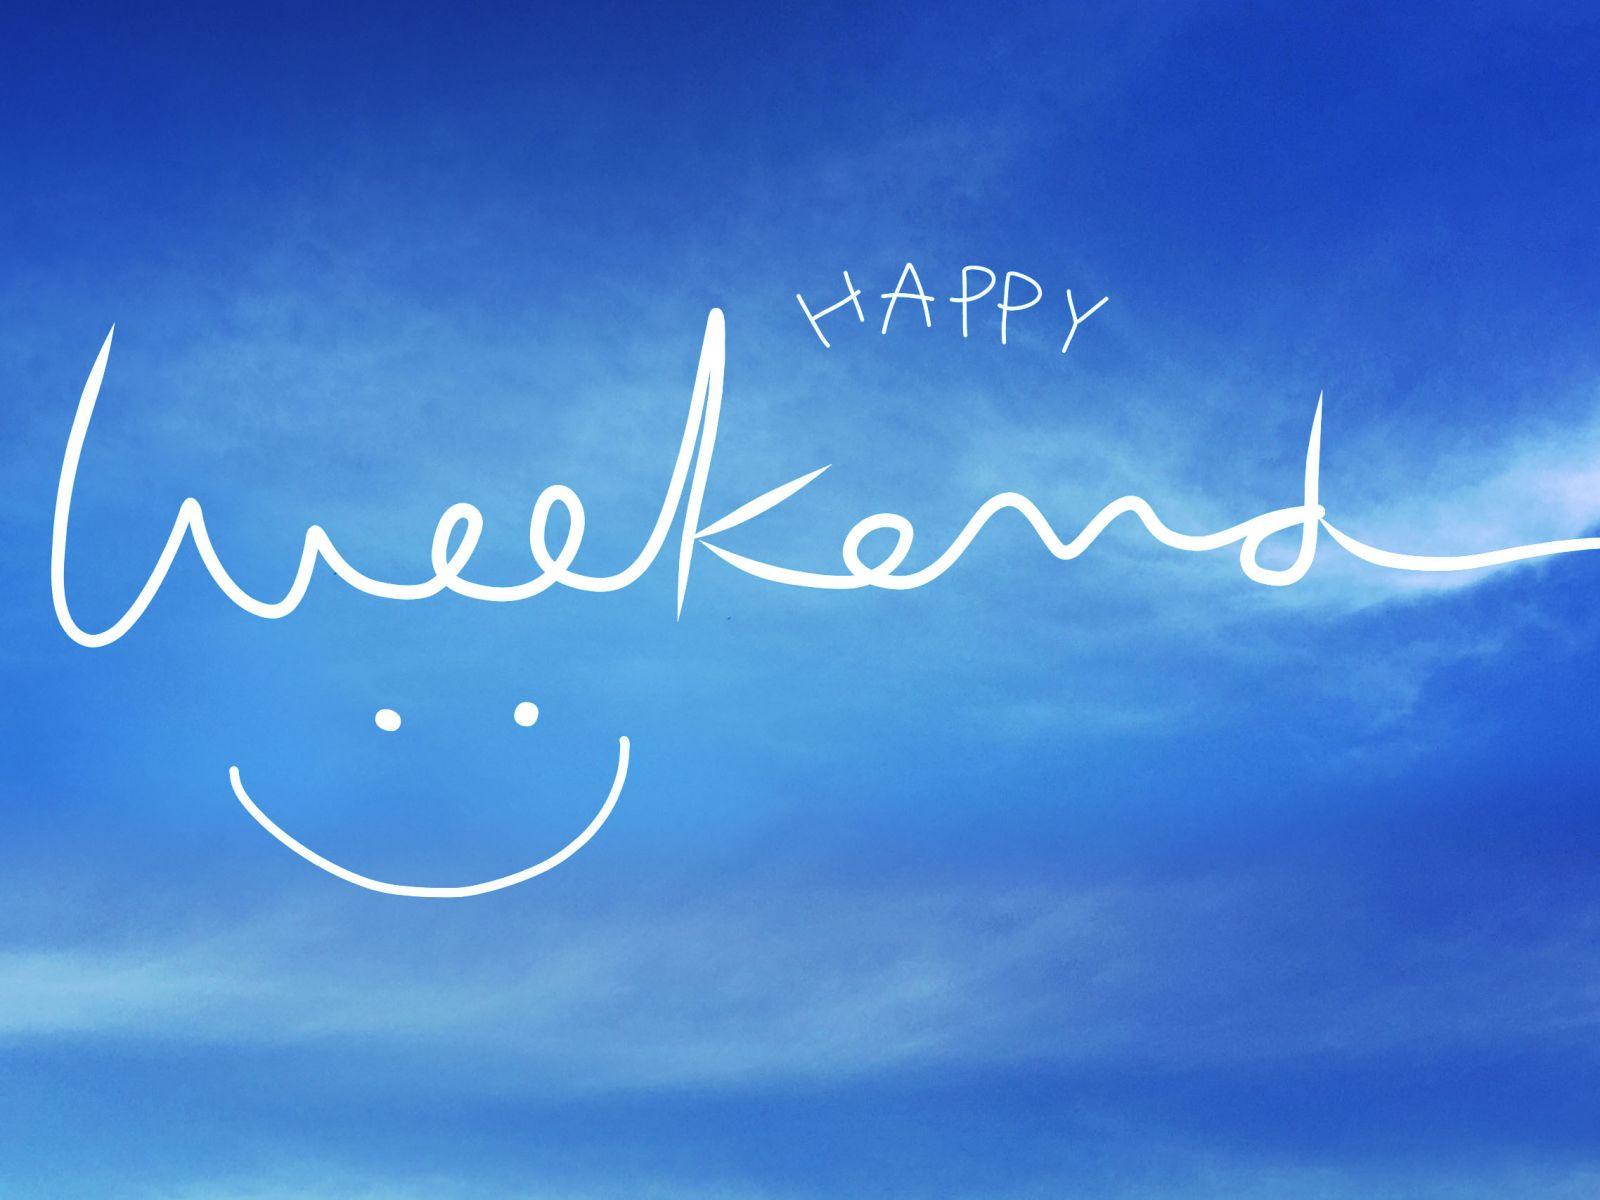 週末只做自己喜歡的事,家務瑣事就留給碎片時間吧!